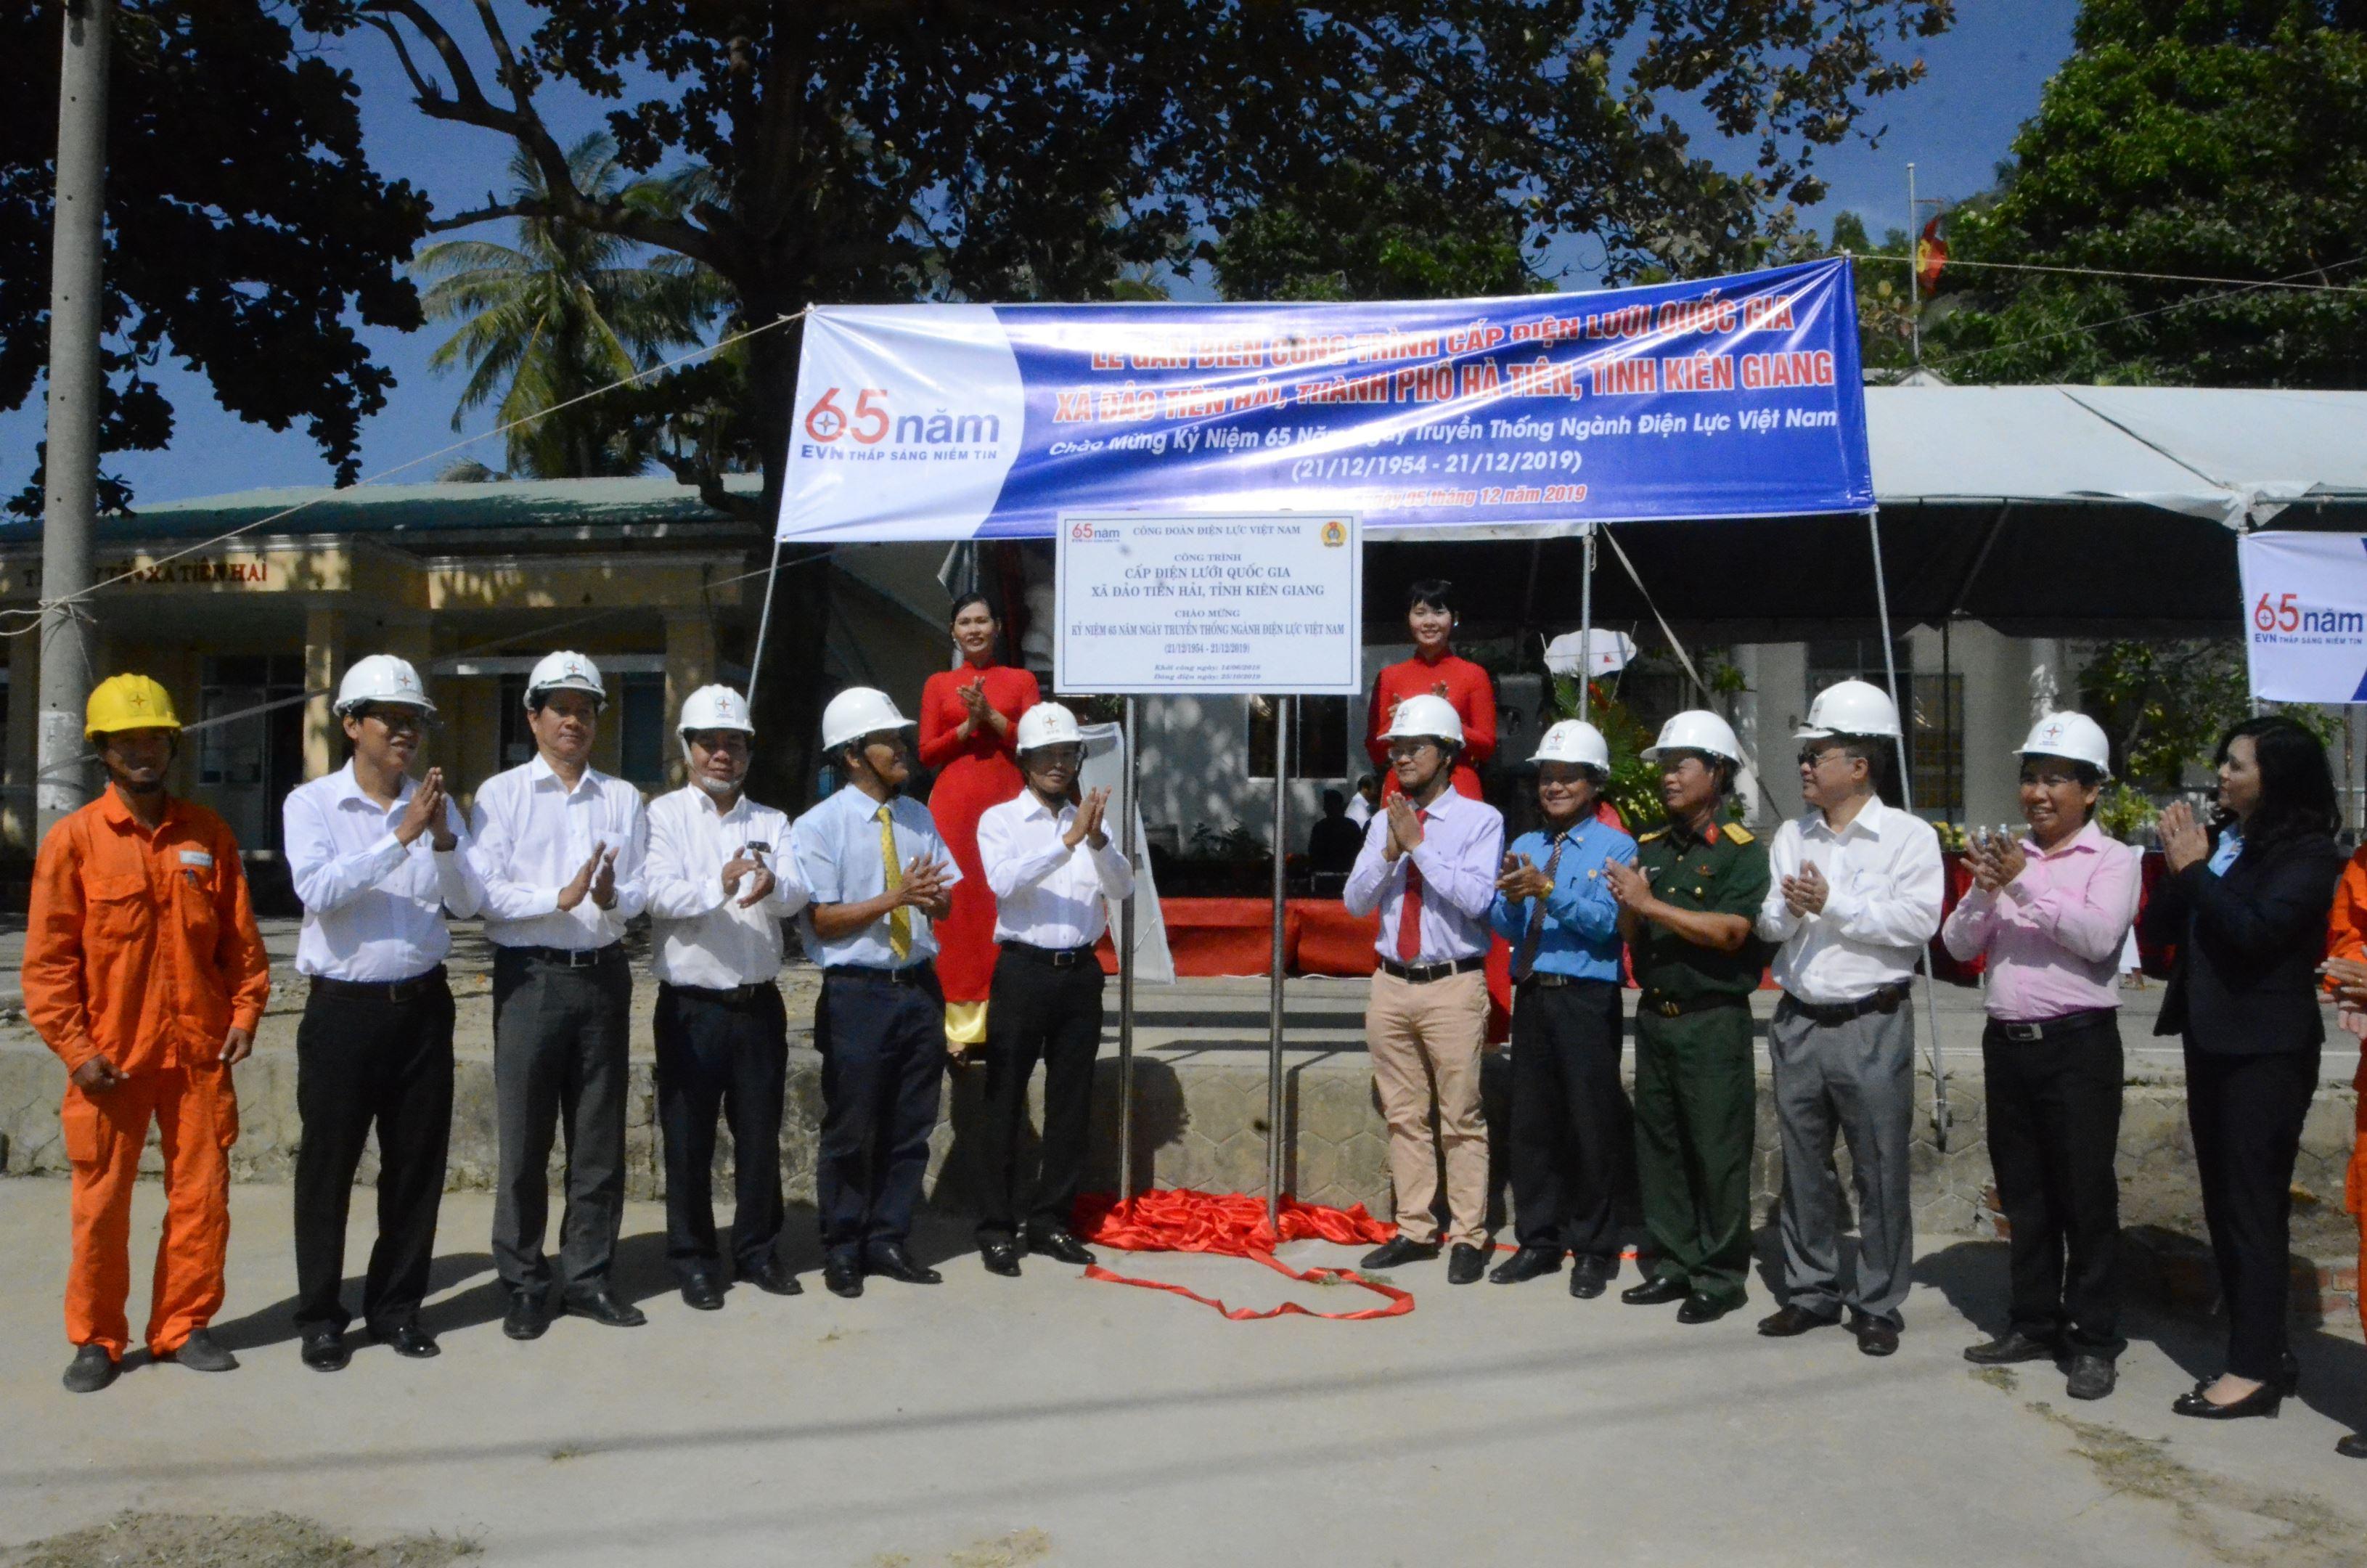 Gắn biển công trình cấp điện lưới quốc gia ra xã đảo Tiên Hải tỉnh Kiên Giang